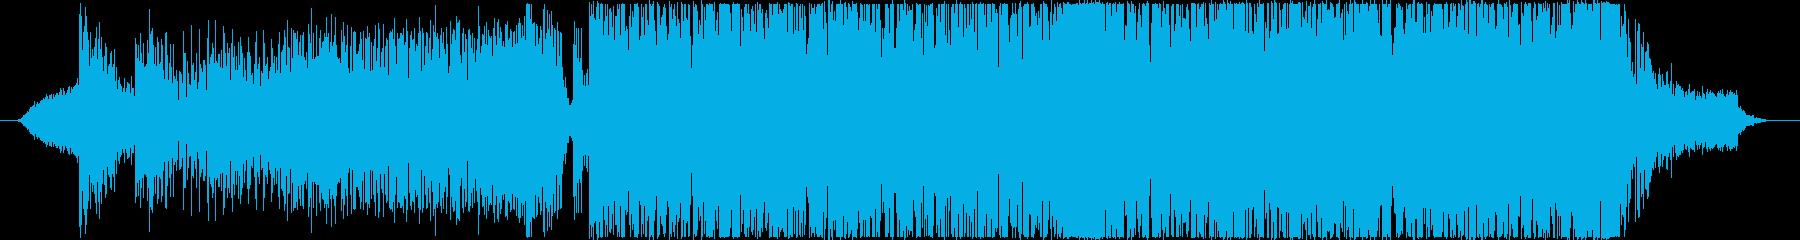 オープニングや入場や次回予告向けのBGMの再生済みの波形